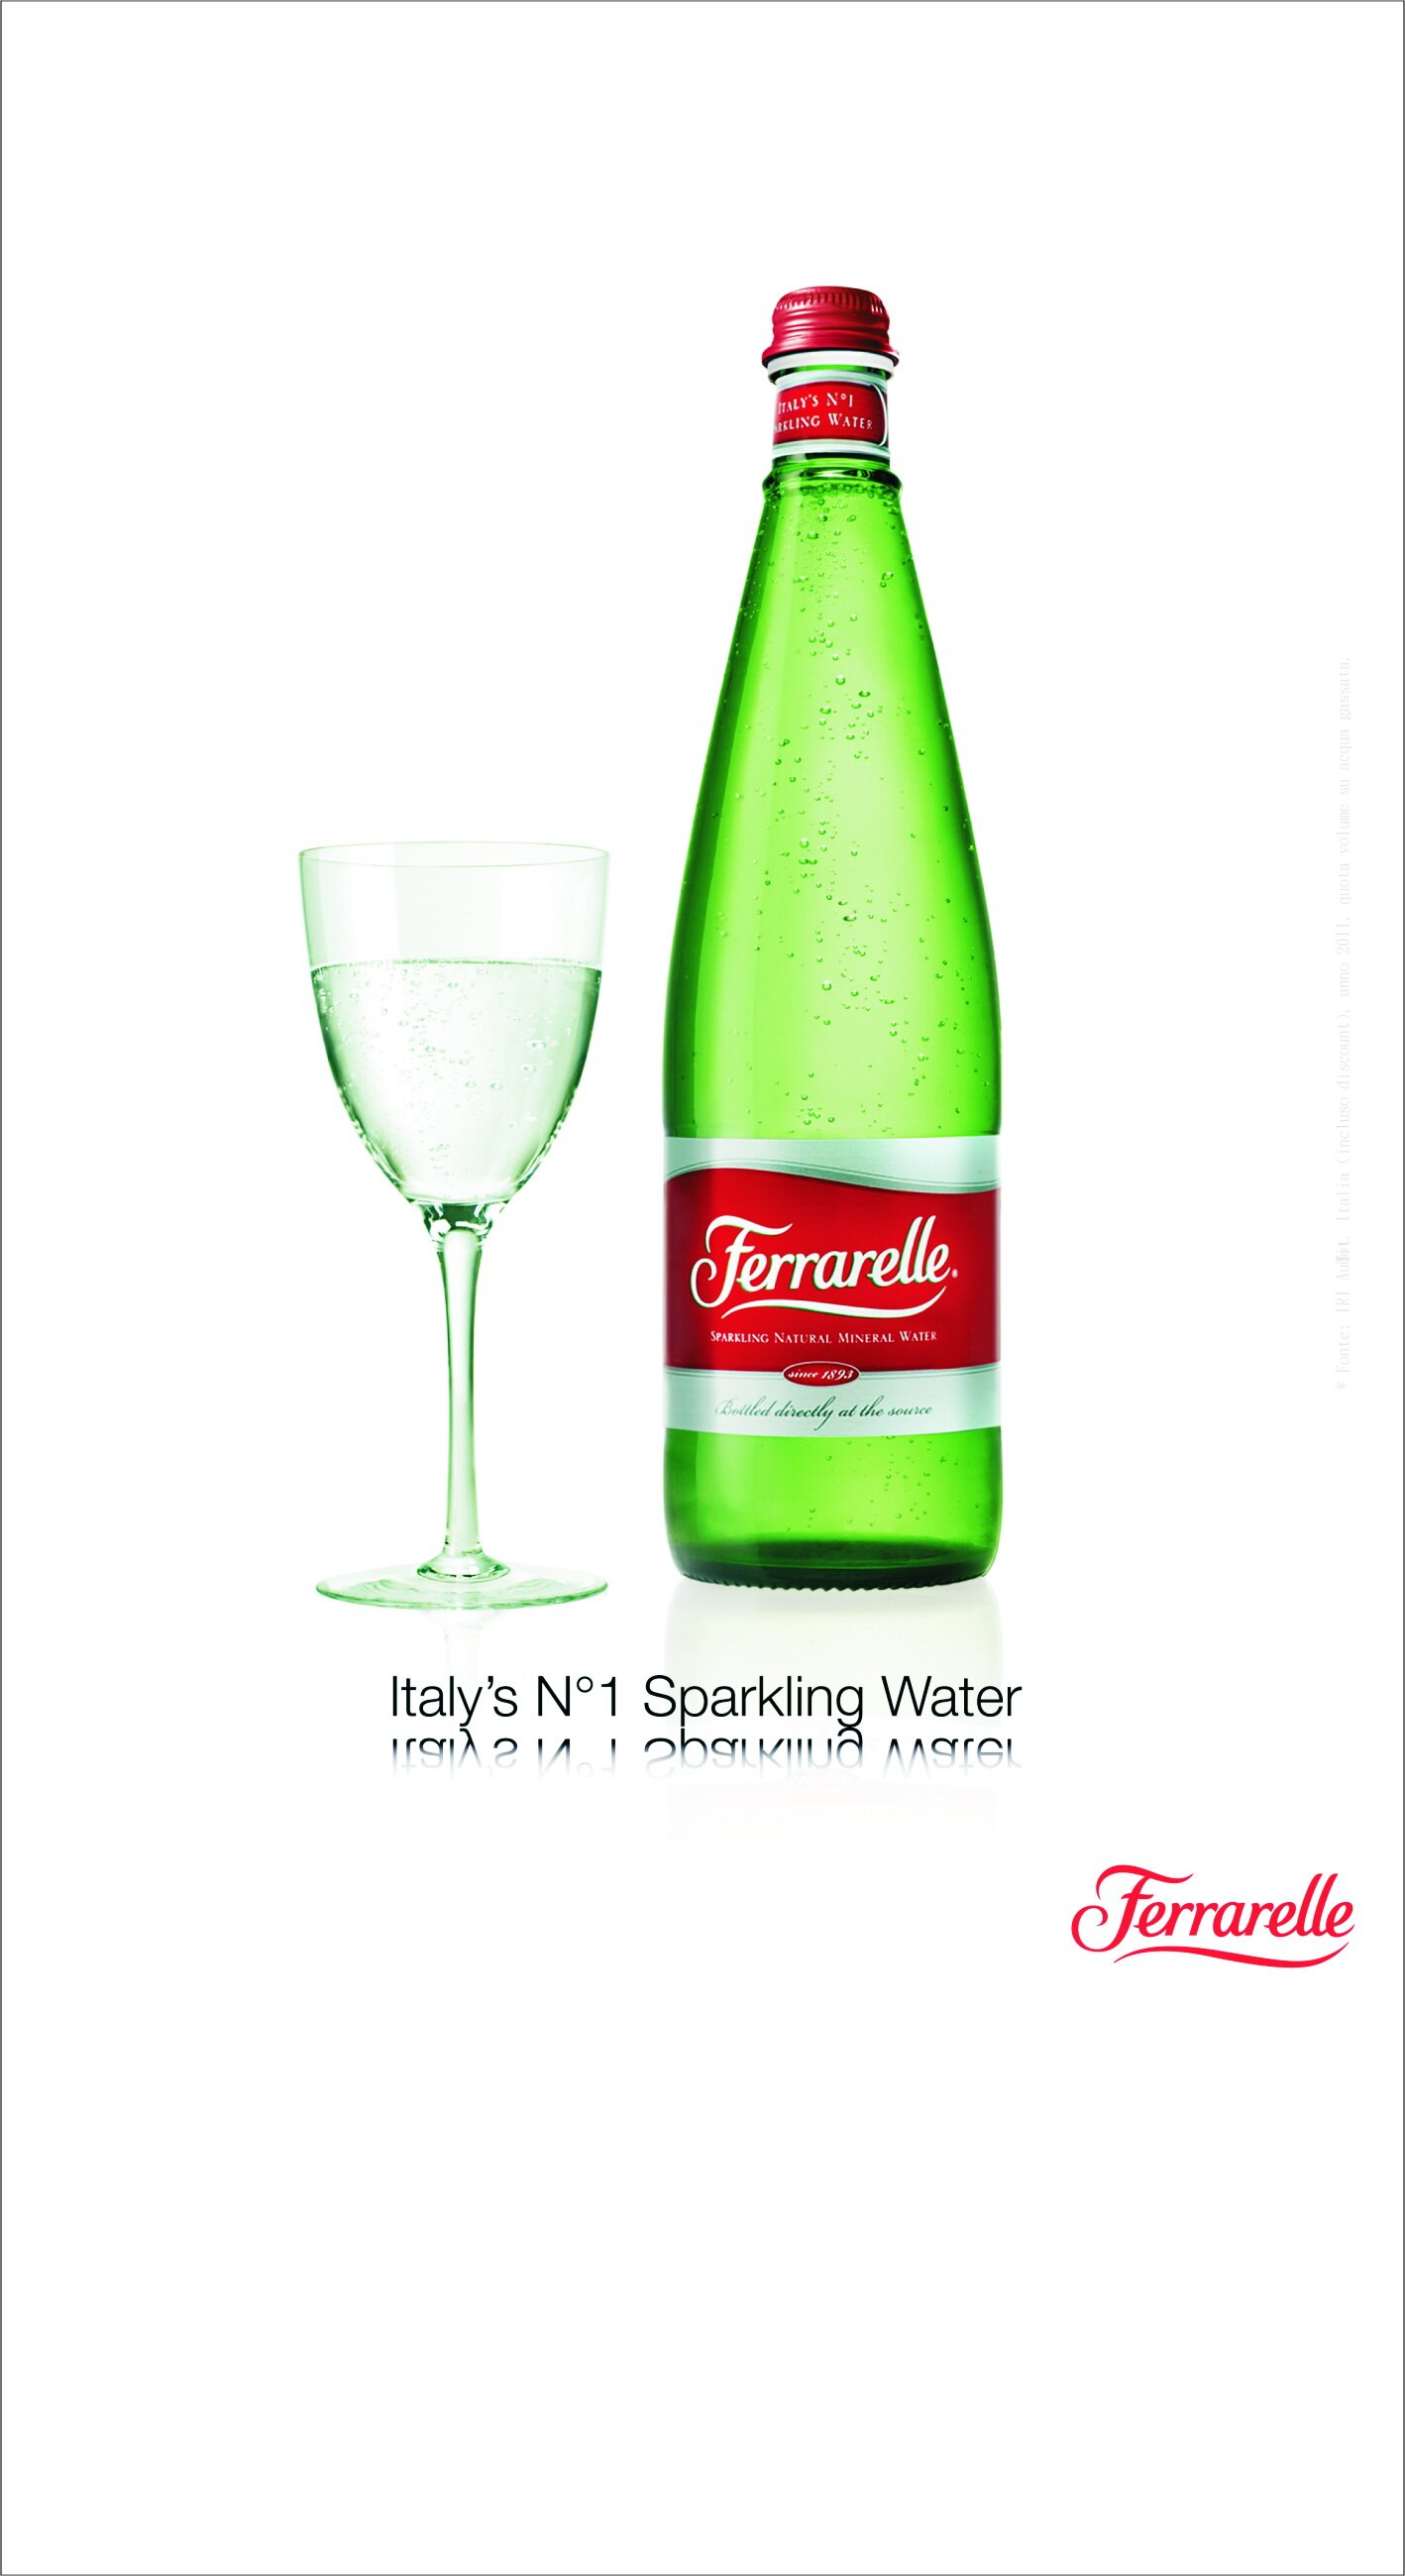 義大利法拉蕊天然氣泡礦泉水750ml*12瓶 / 箱 1